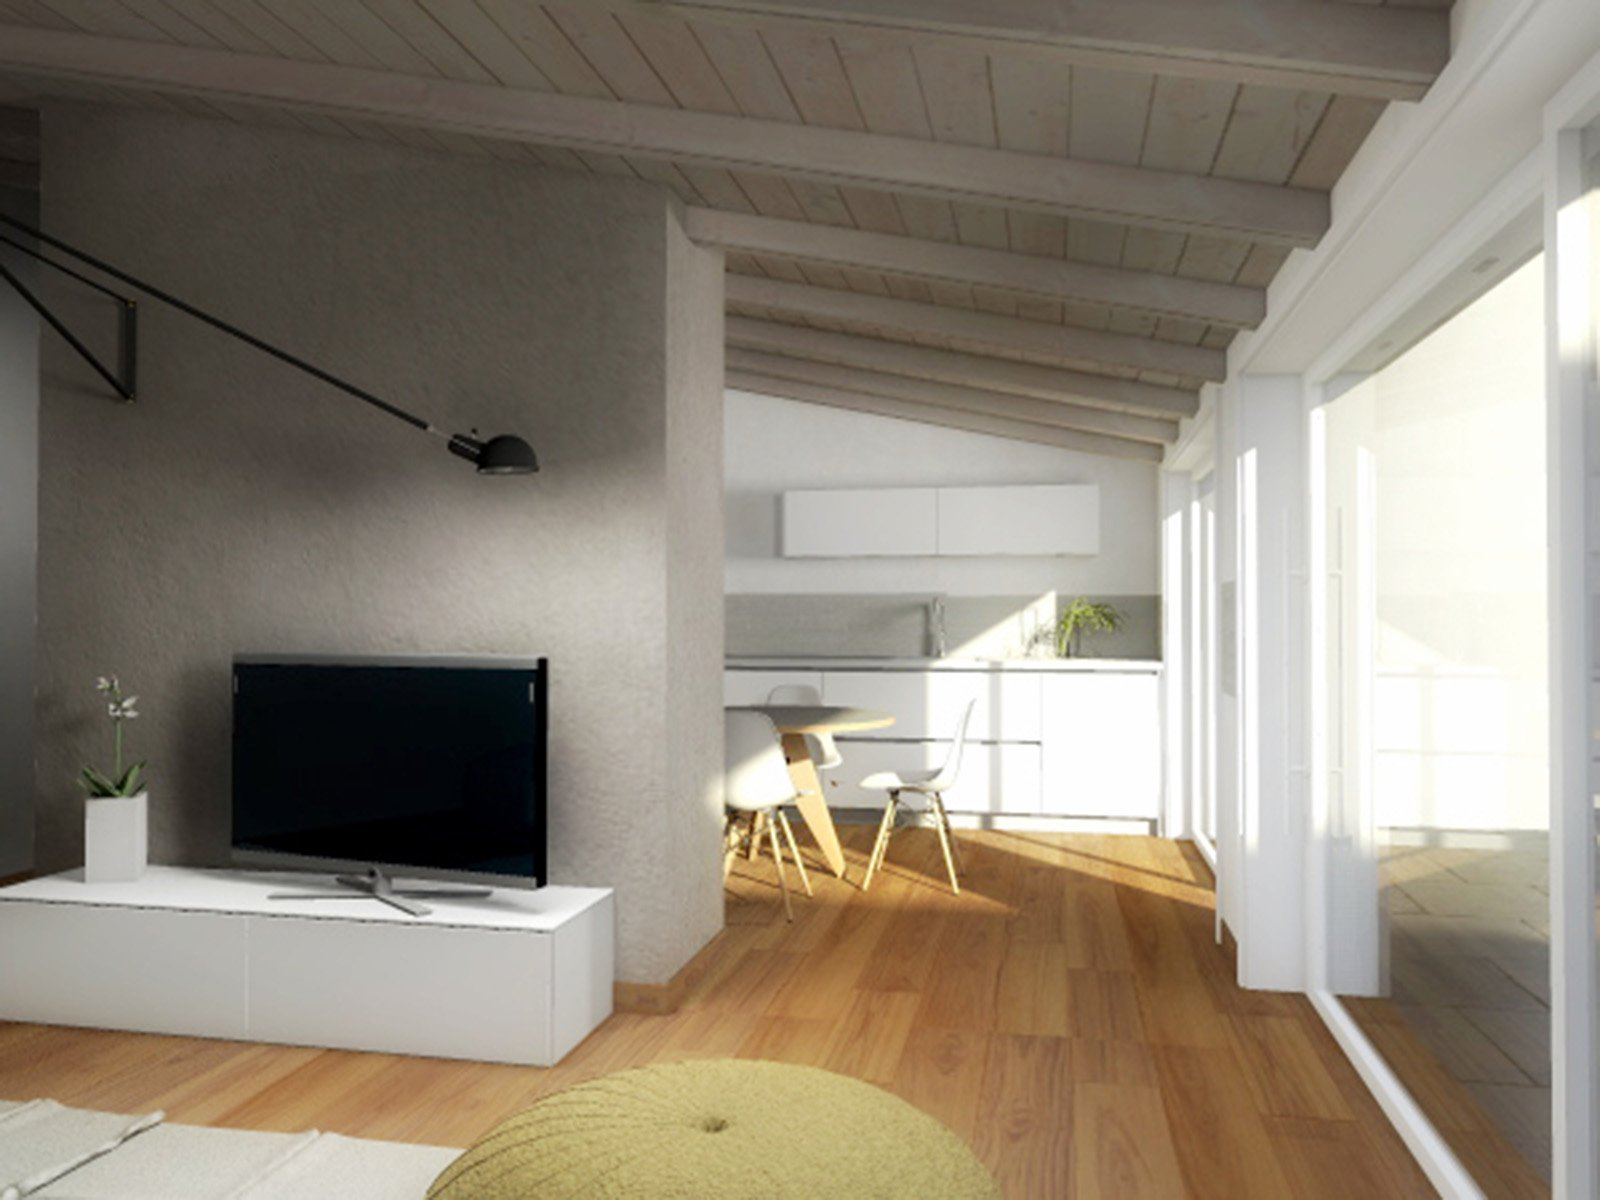 mansarda: una casa sottotetto luminosa e contemporanea - cose di casa - Cose Di Casa Cucine